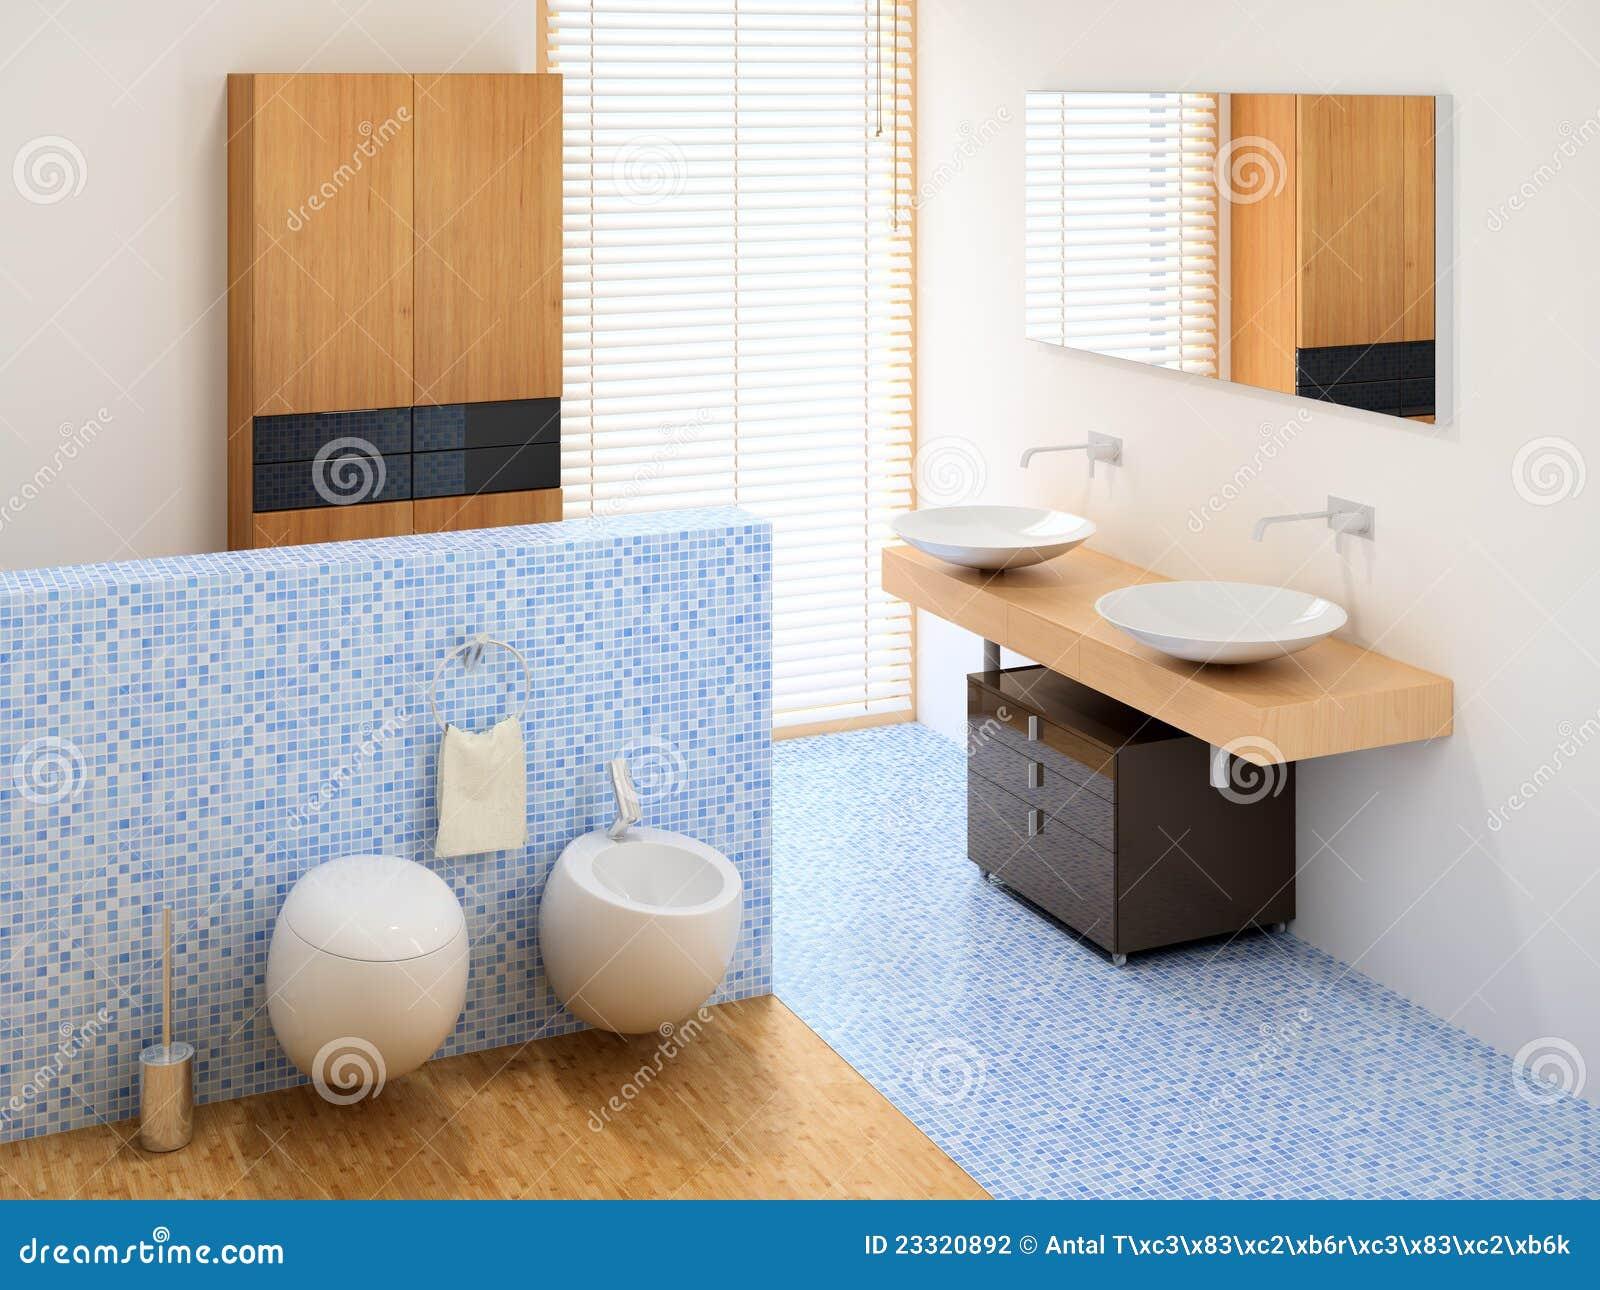 Nieuwe kleine badkamers stock fotografie afbeelding 23320892 - Kleine badkamer m ...